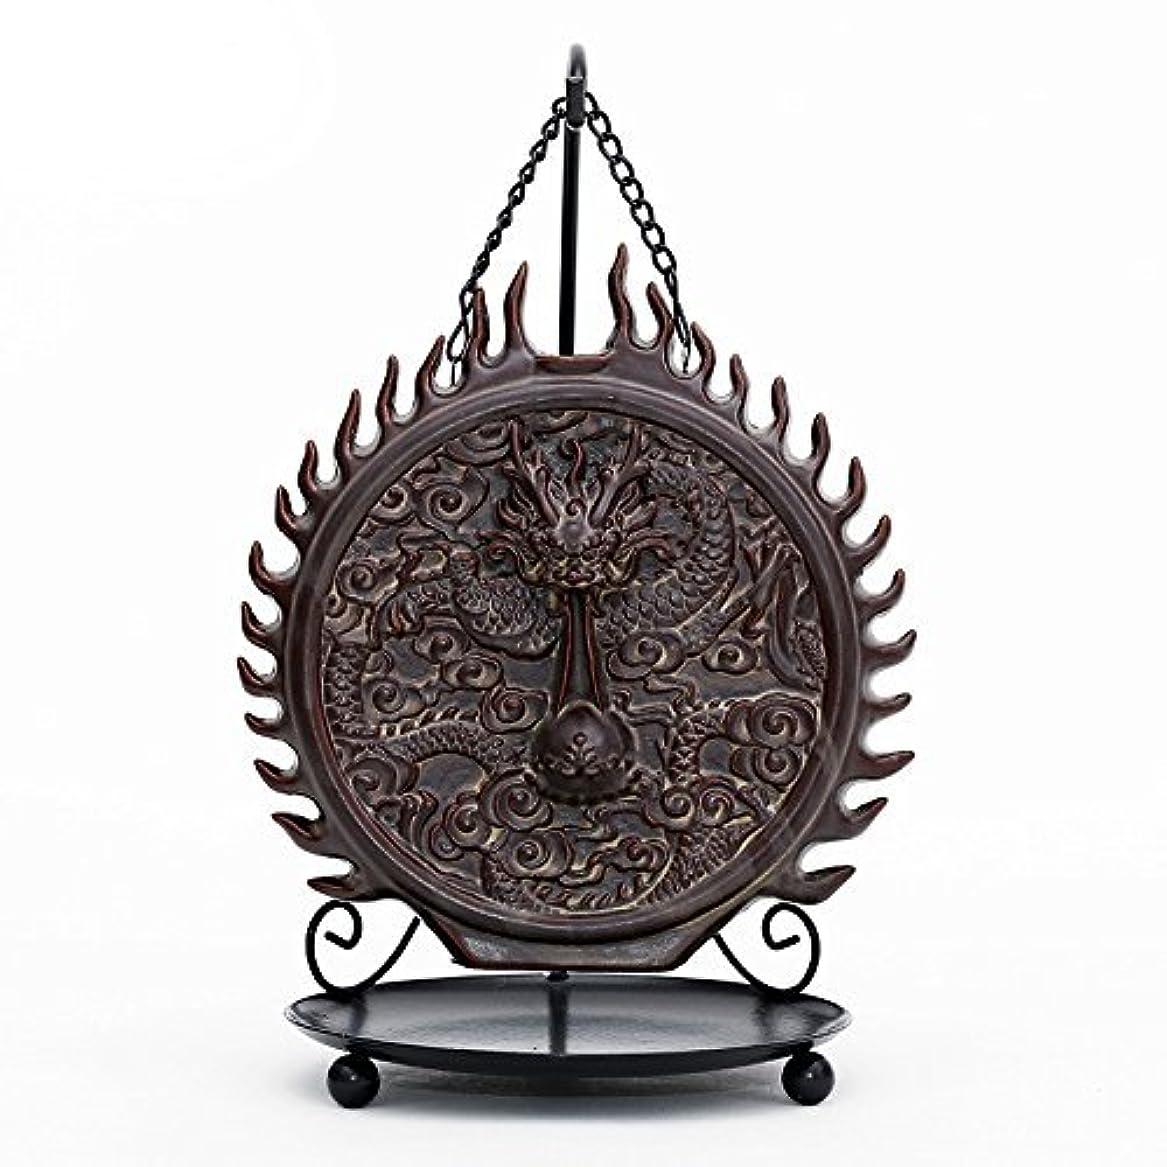 幅時計あなたのもの倒流香 香炉 お香ホルダー 流川香 香炉用品 セラミック 置物 陶芸 開運 風水 ハンギングドラゴン